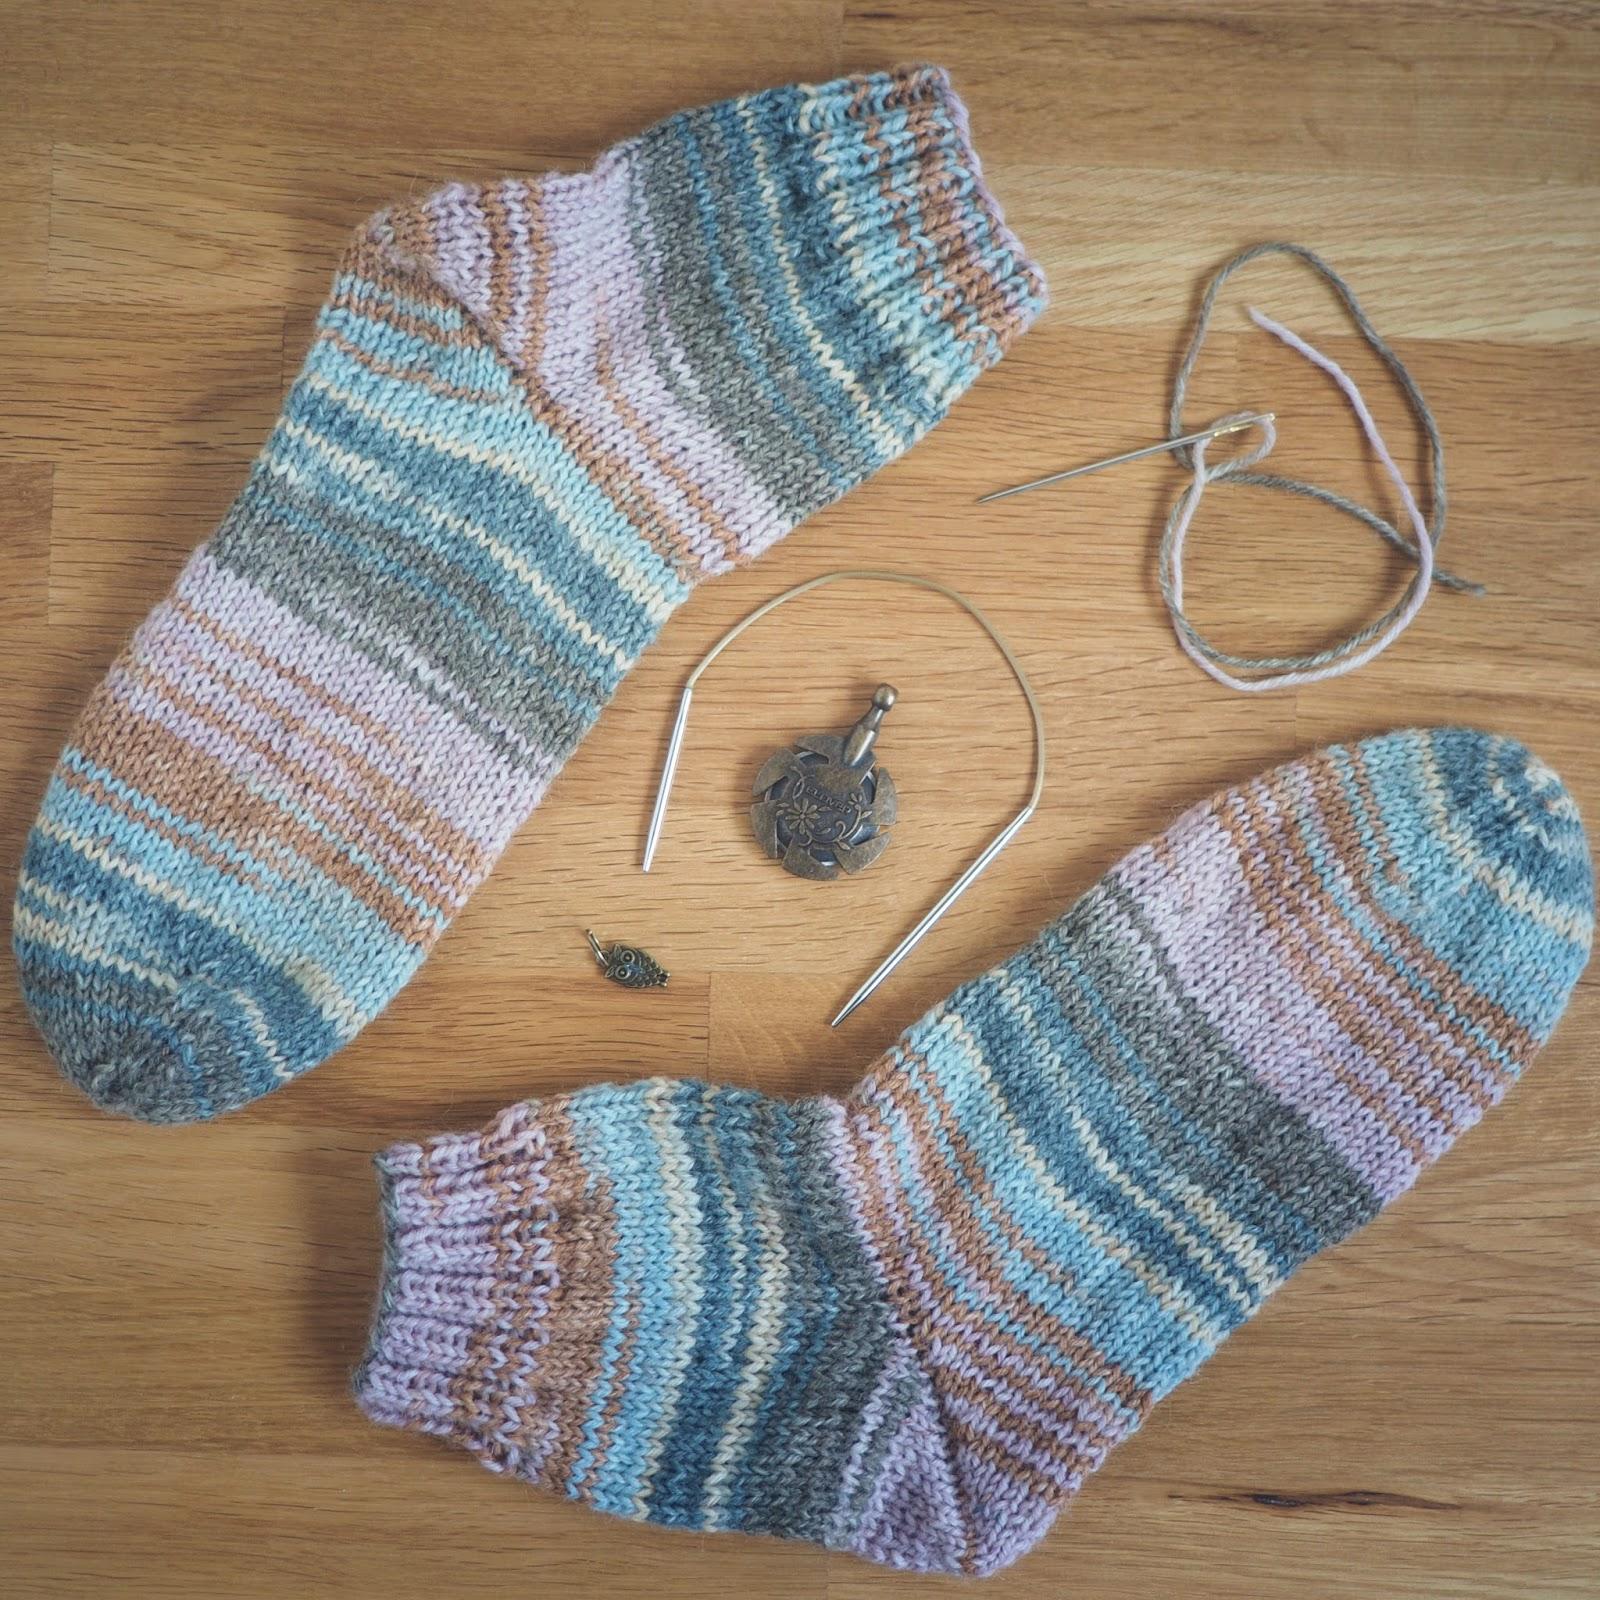 Addi Sockenwunder mit 6-fach Sockenwolle